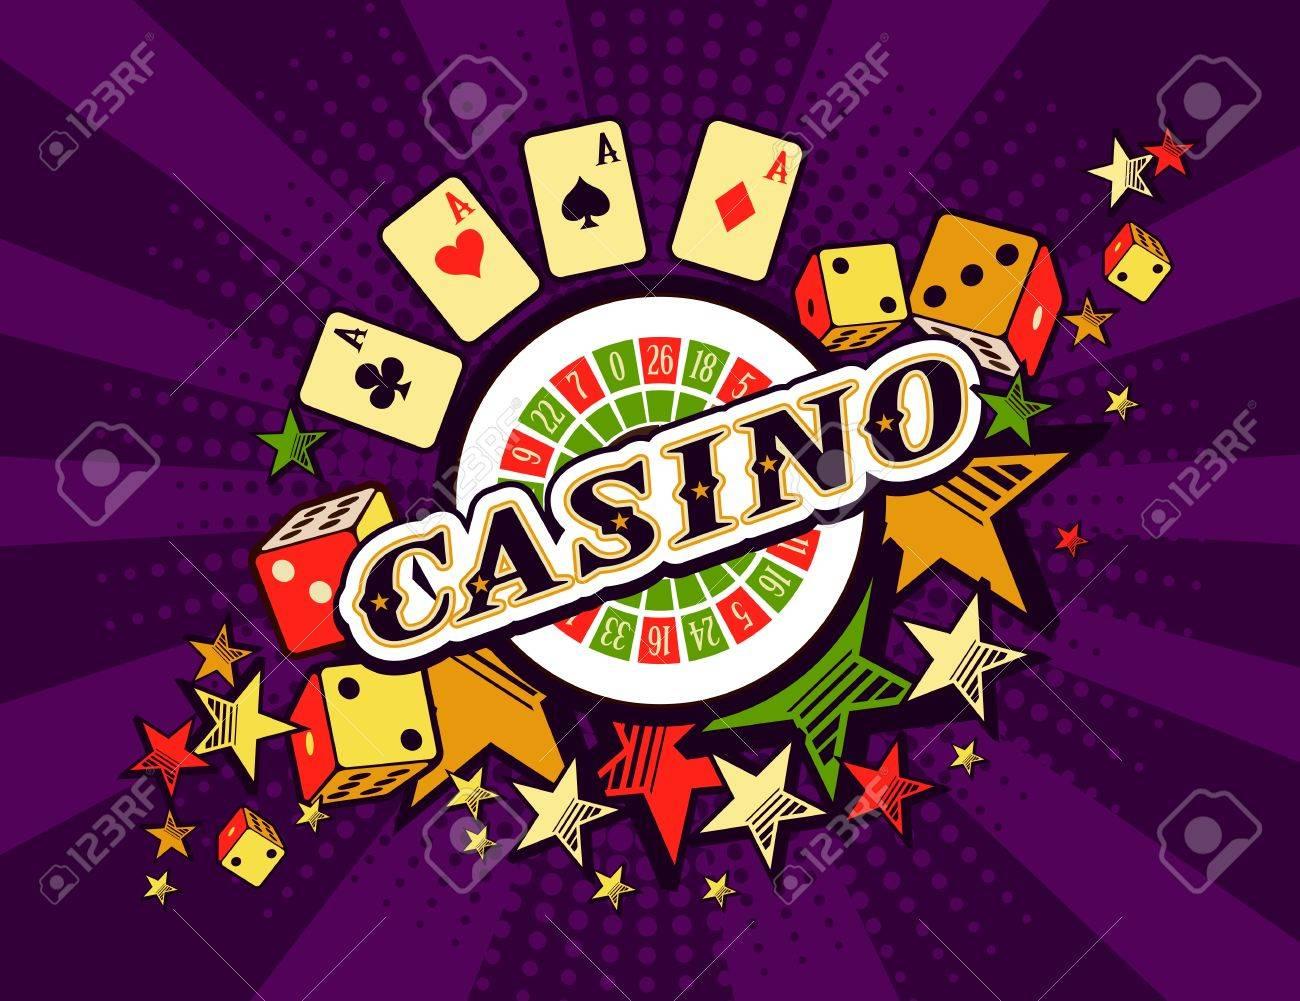 Vigas casino casino go want we where